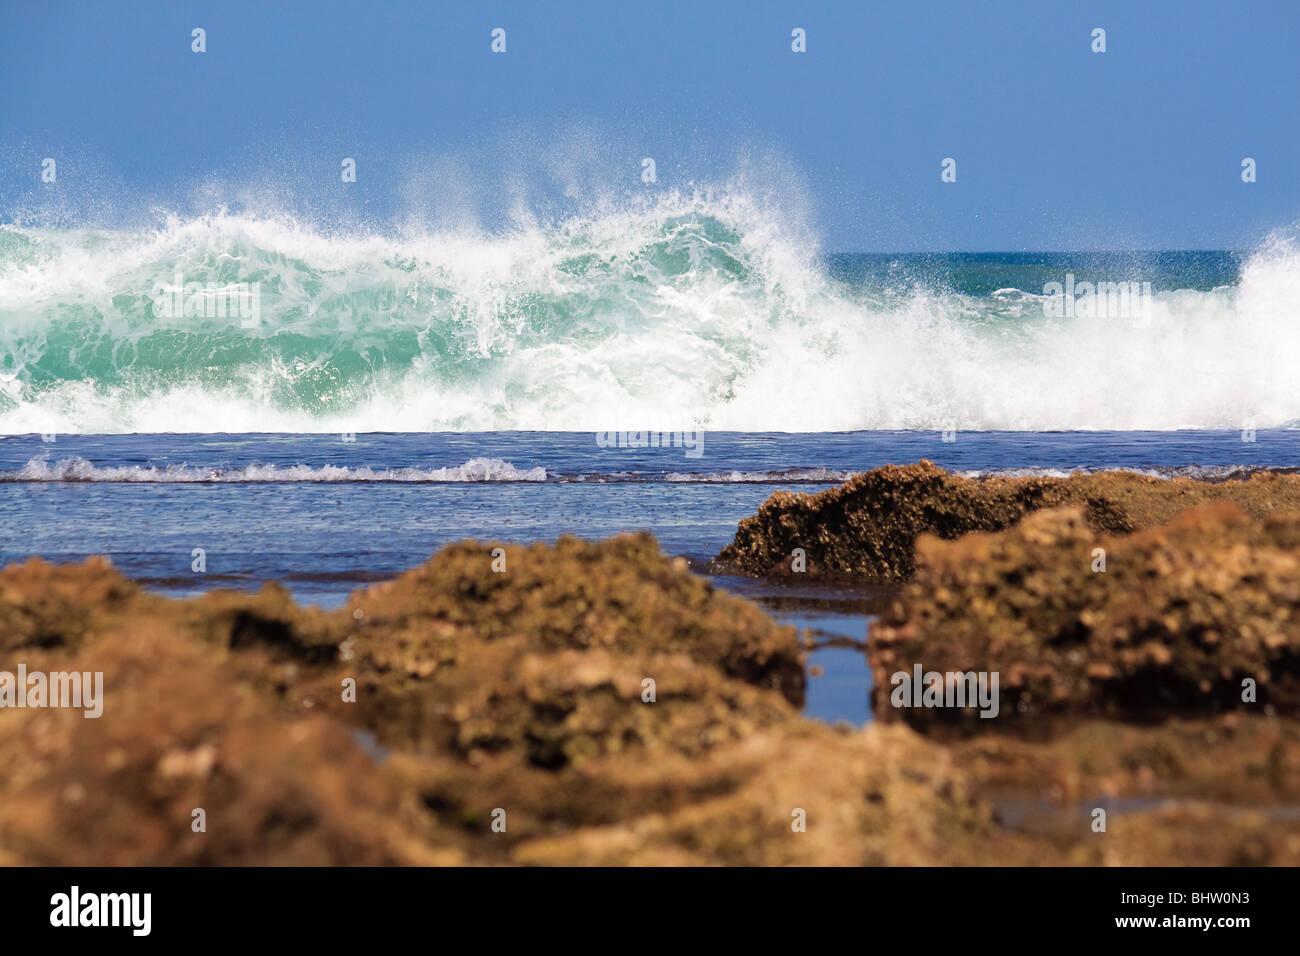 África Atlantic Beach Cielo Mar Mozambique Xai-Xai Imagen De Stock